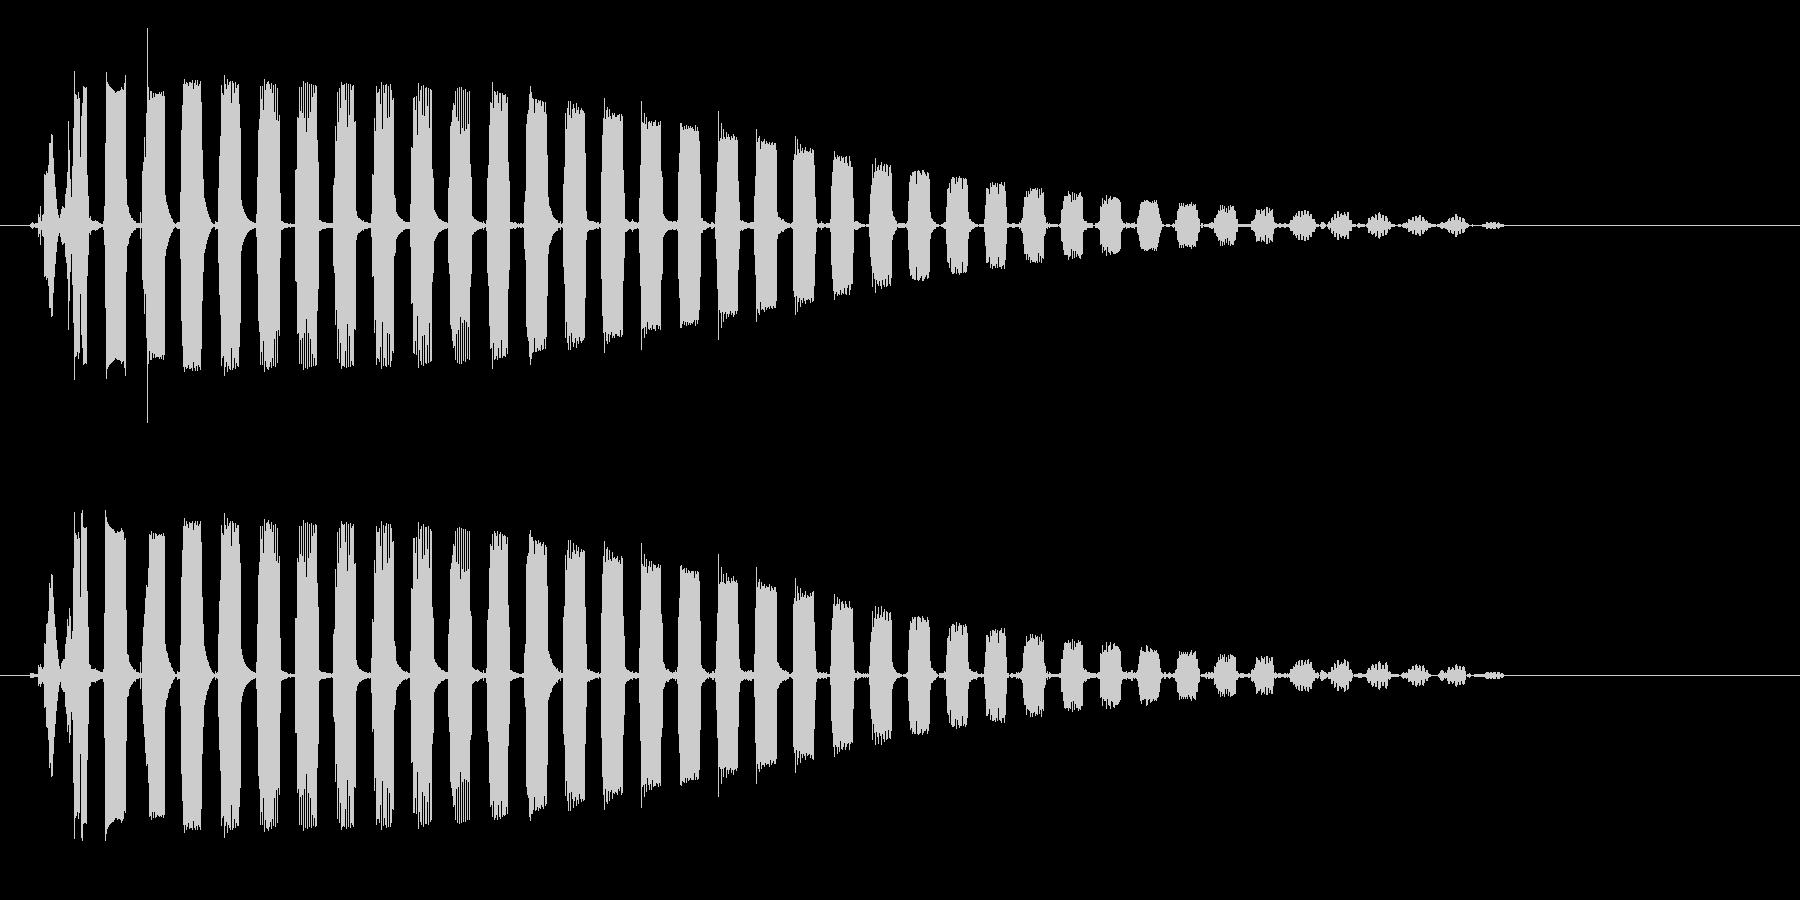 チョワーン(ゲーム音)の未再生の波形